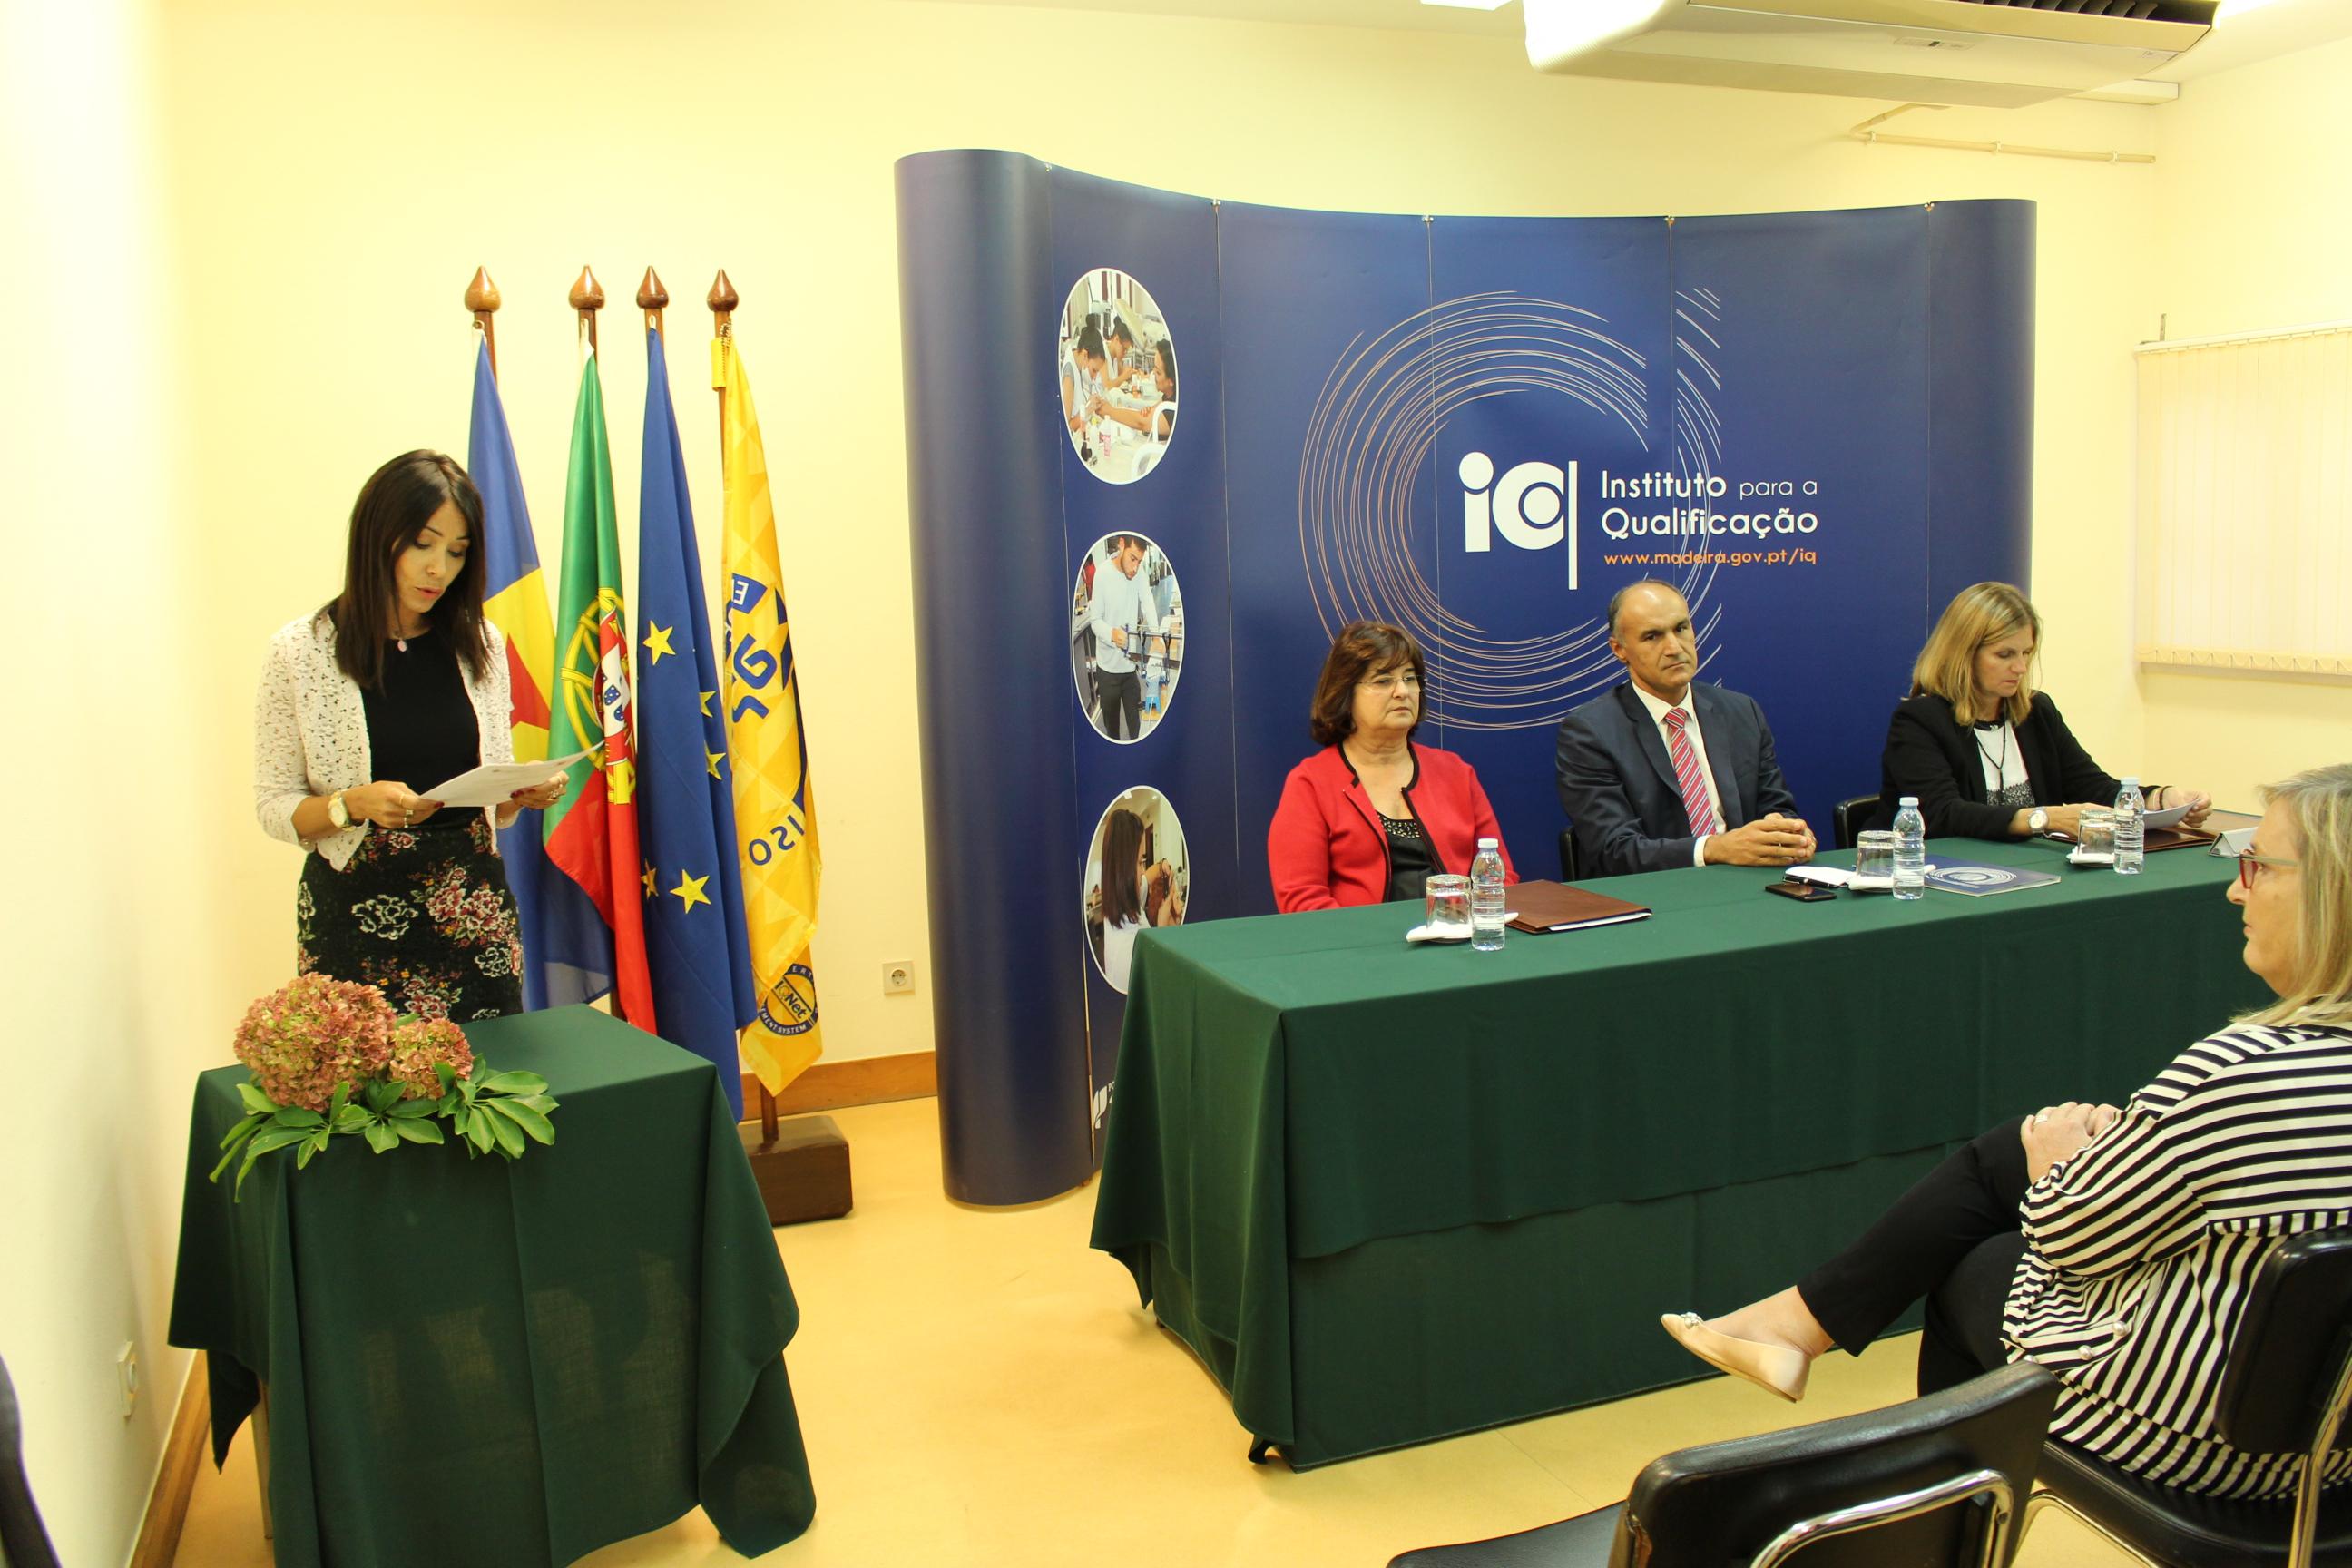 Protocolo de Cooperação entre o Instituto para a Qualificação, IP-RAM e a Escola Superior de Enfermagem de S. José de Cluny